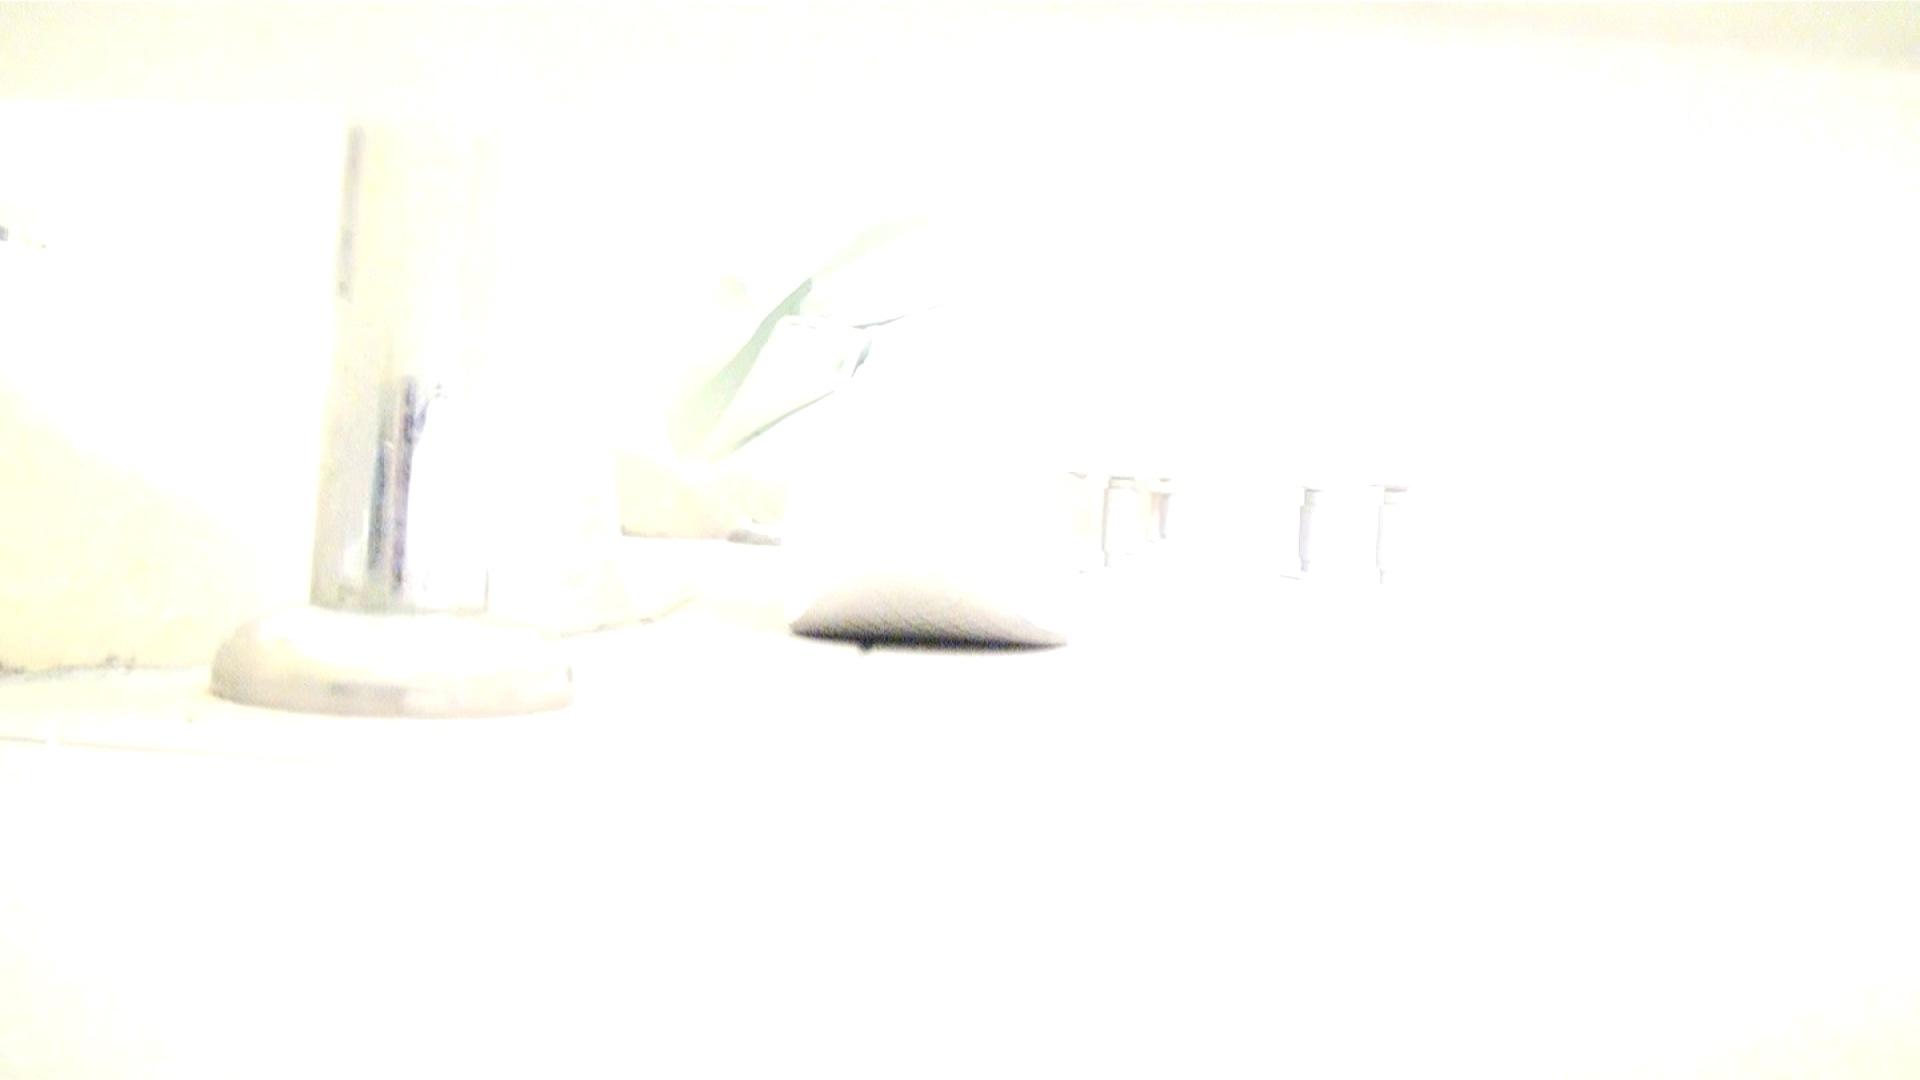 至高下半身盗撮-PREMIUM-【院内病棟編 】VOL5 盗撮エロすぎ | OL  95連発 91